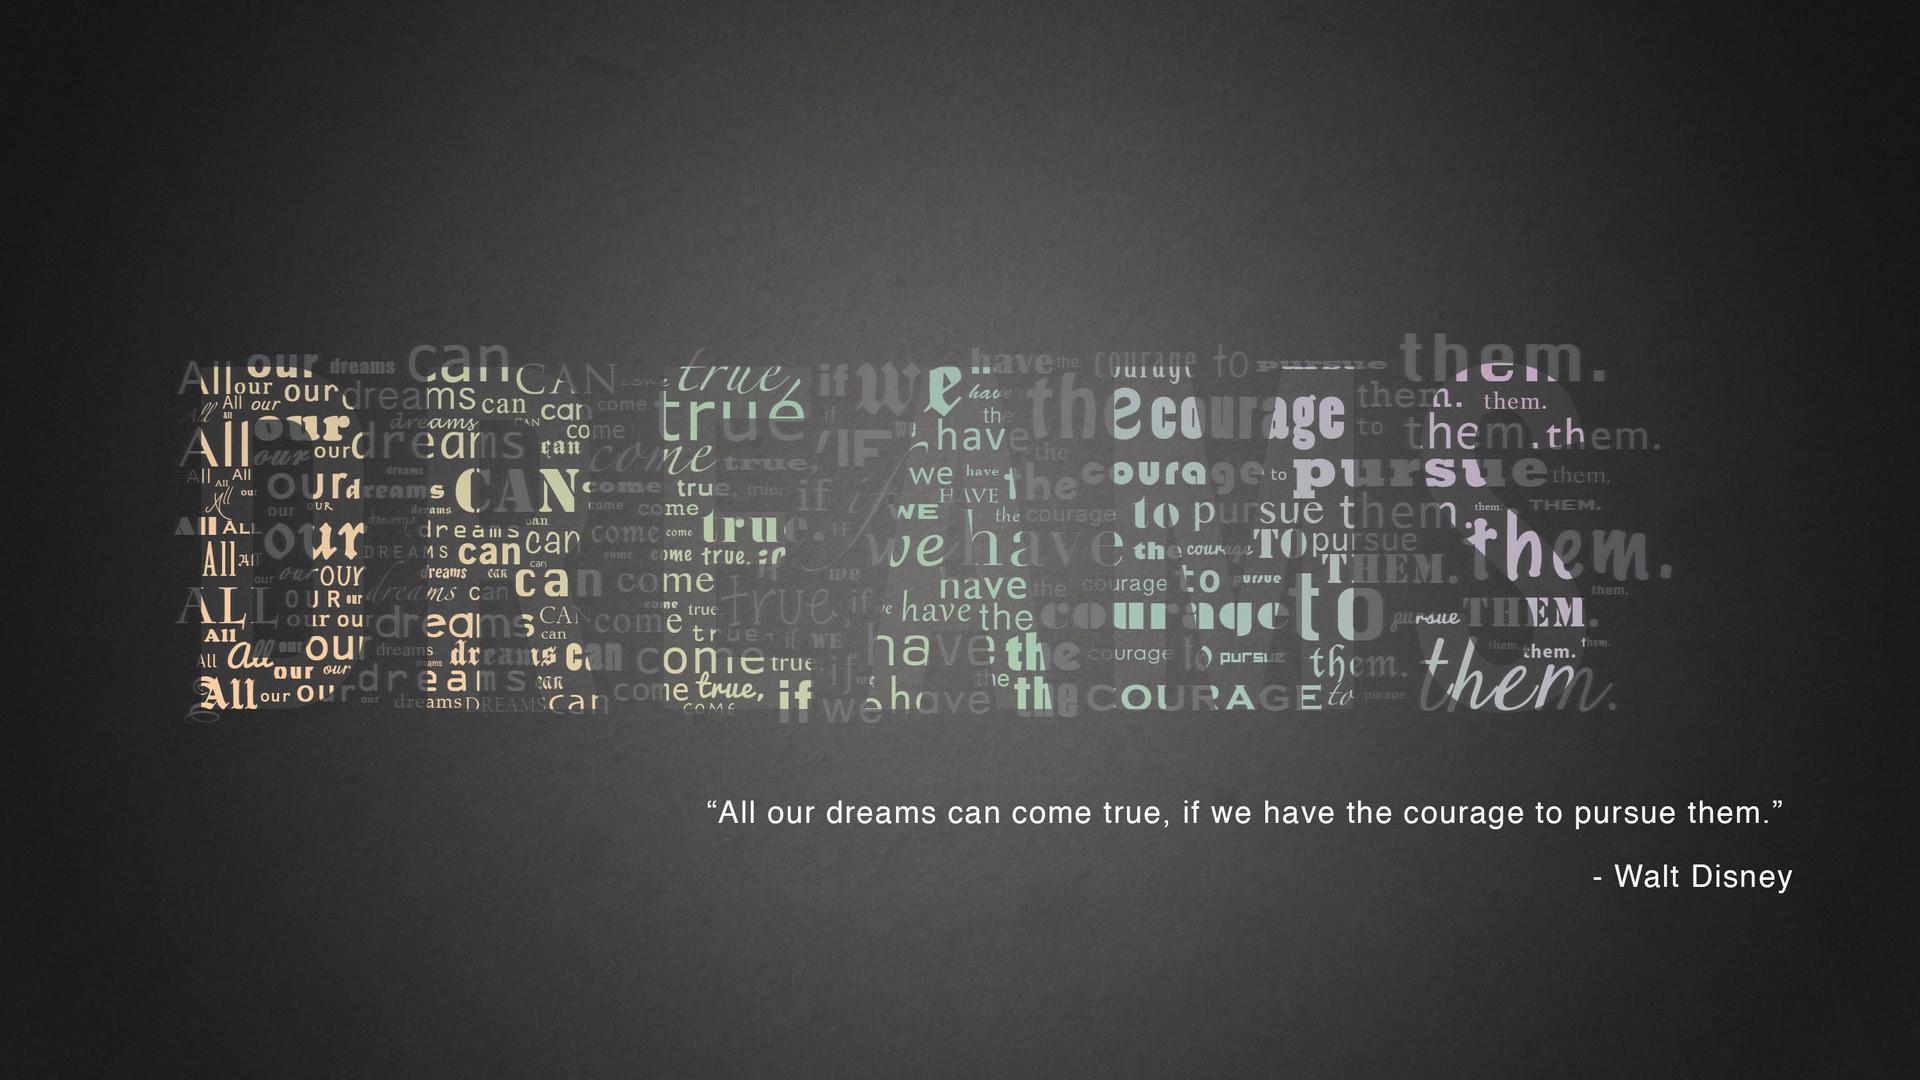 Walt Disney quote Wallpaper #9802